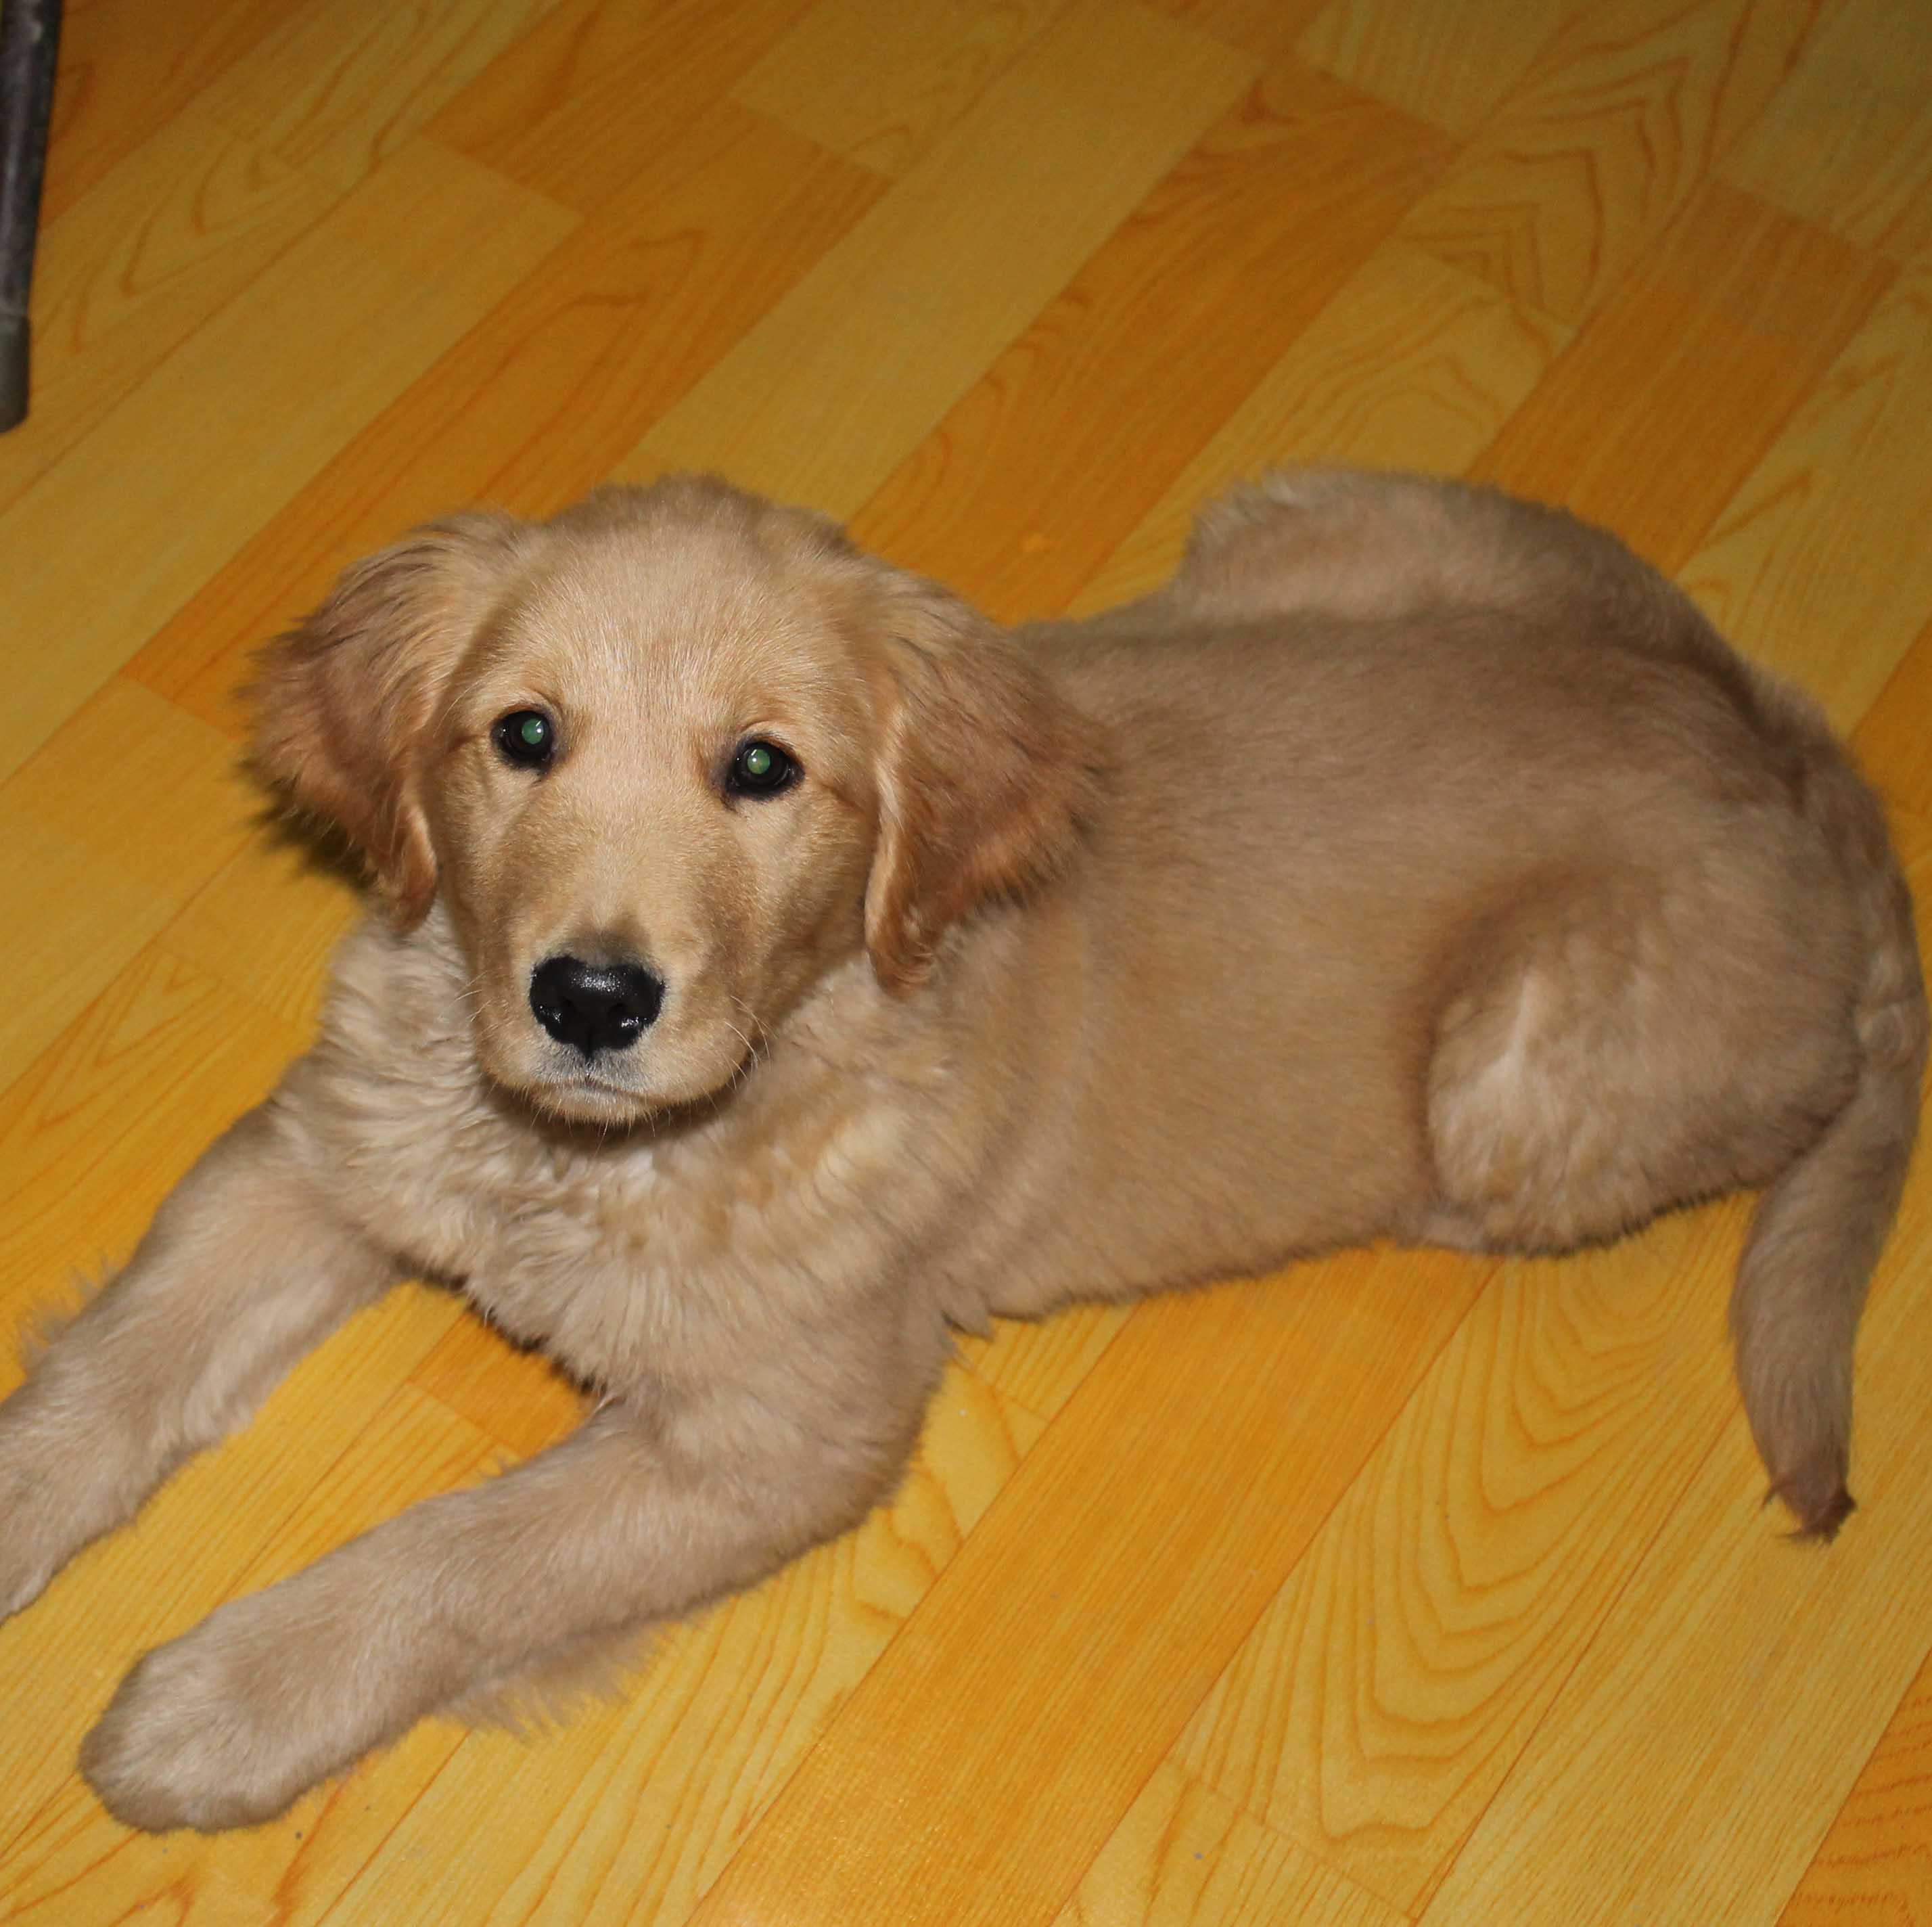 5个月金毛犬图片_我家的金毛5个月了,母的体重才25斤,本人第一次养金毛犬,请 ...